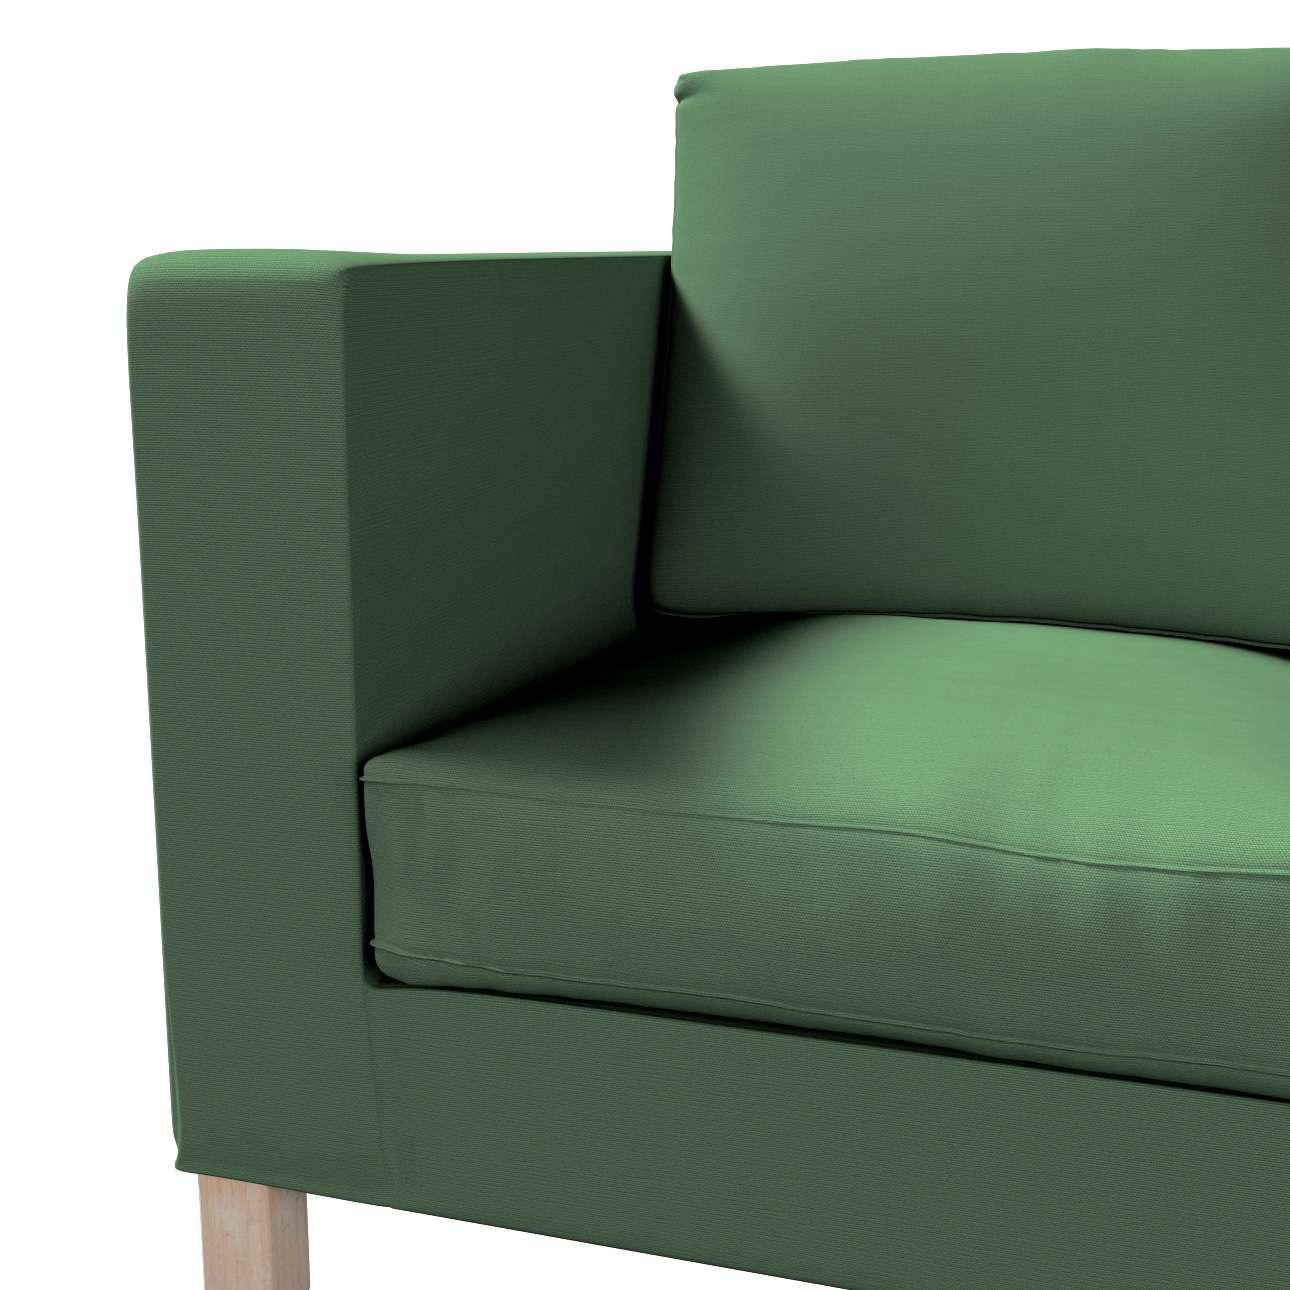 Pokrowiec na sofę Karlanda 2-osobową nierozkładaną, krótki w kolekcji Cotton Panama, tkanina: 702-06